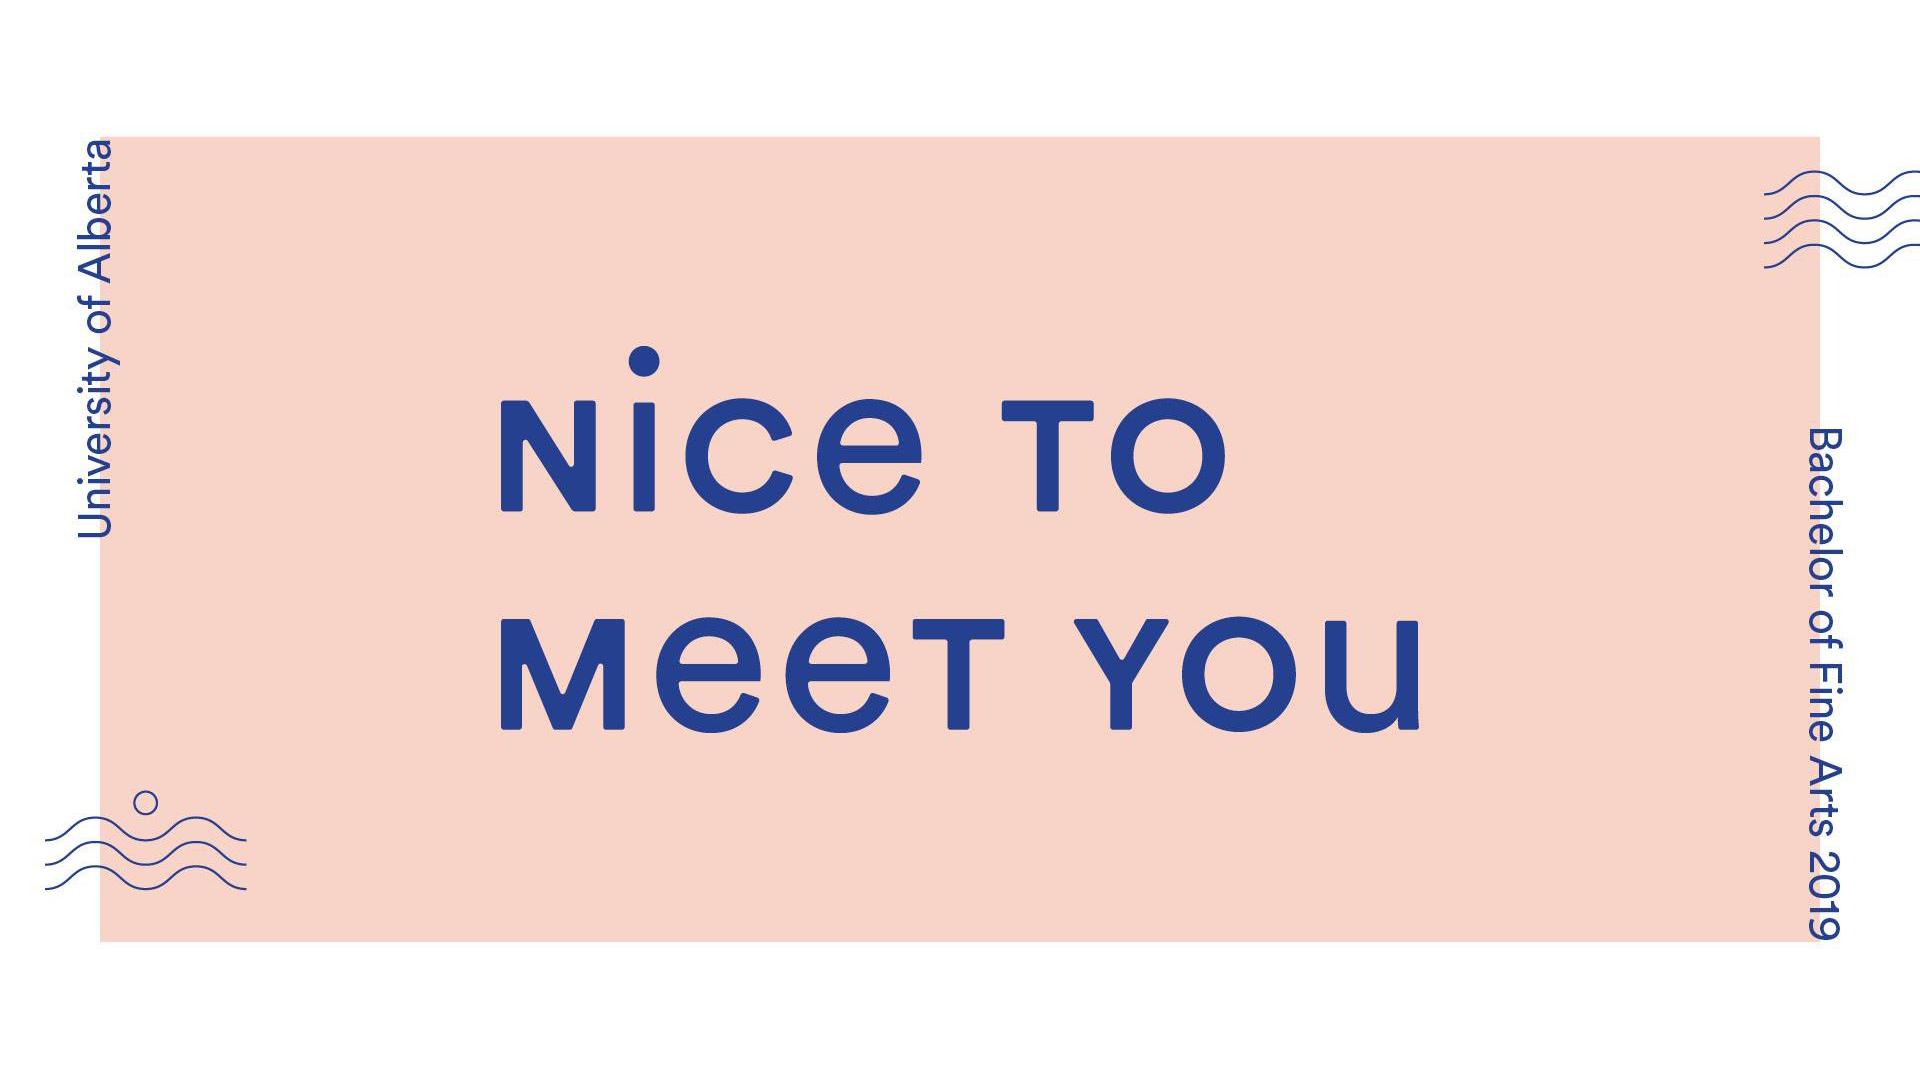 Nice to Meet You: Bachelor of Fine Arts Graduate Show 2019